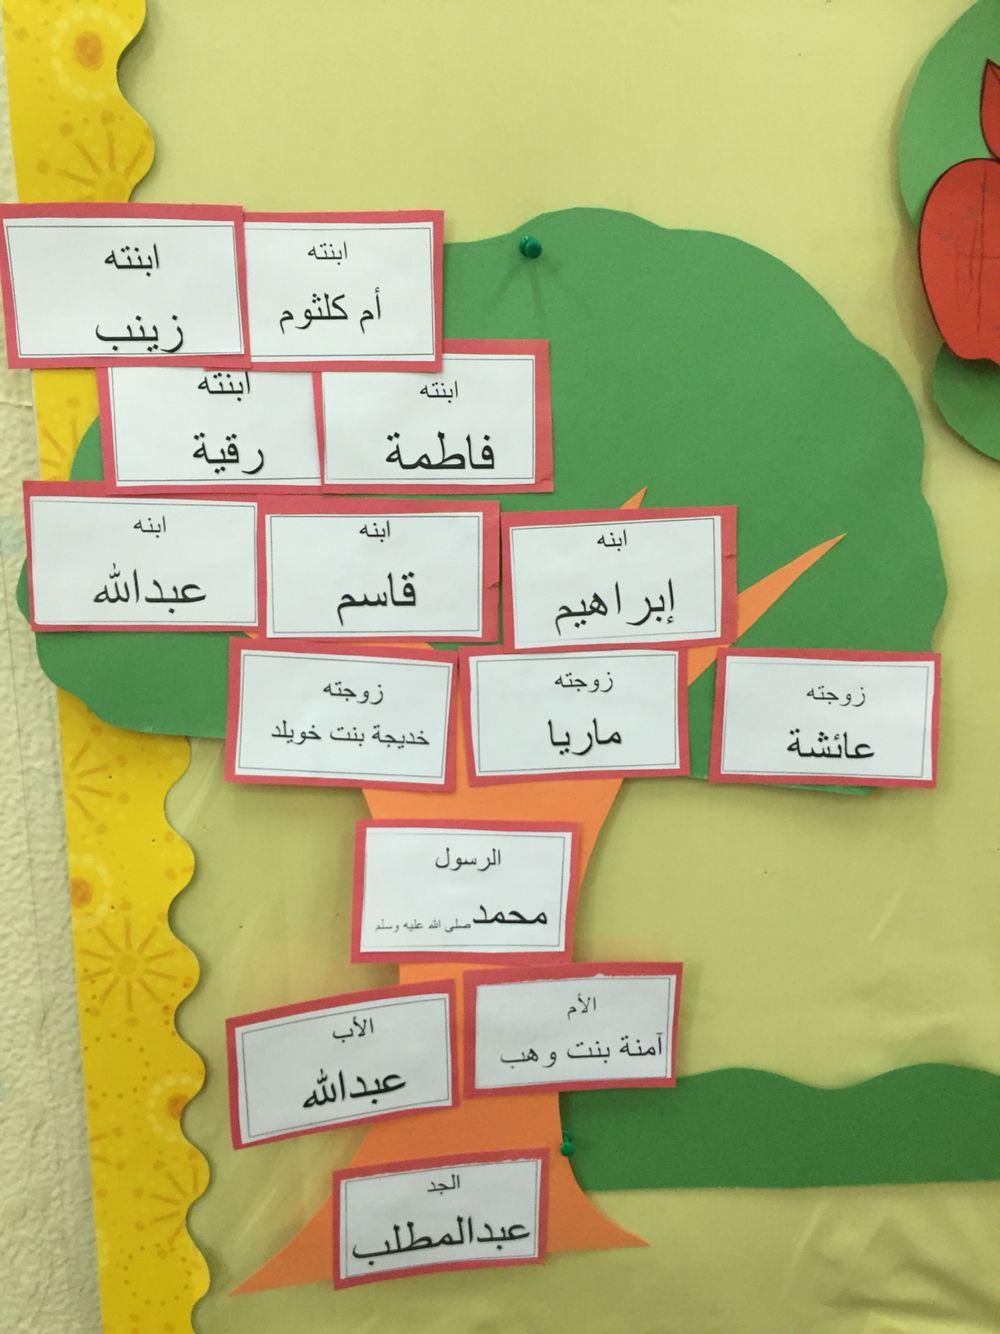 شجرة العائلة للرسول صلى الله عليه وسلم Letter A Crafts Islam For Kids Islamic Kids Activities